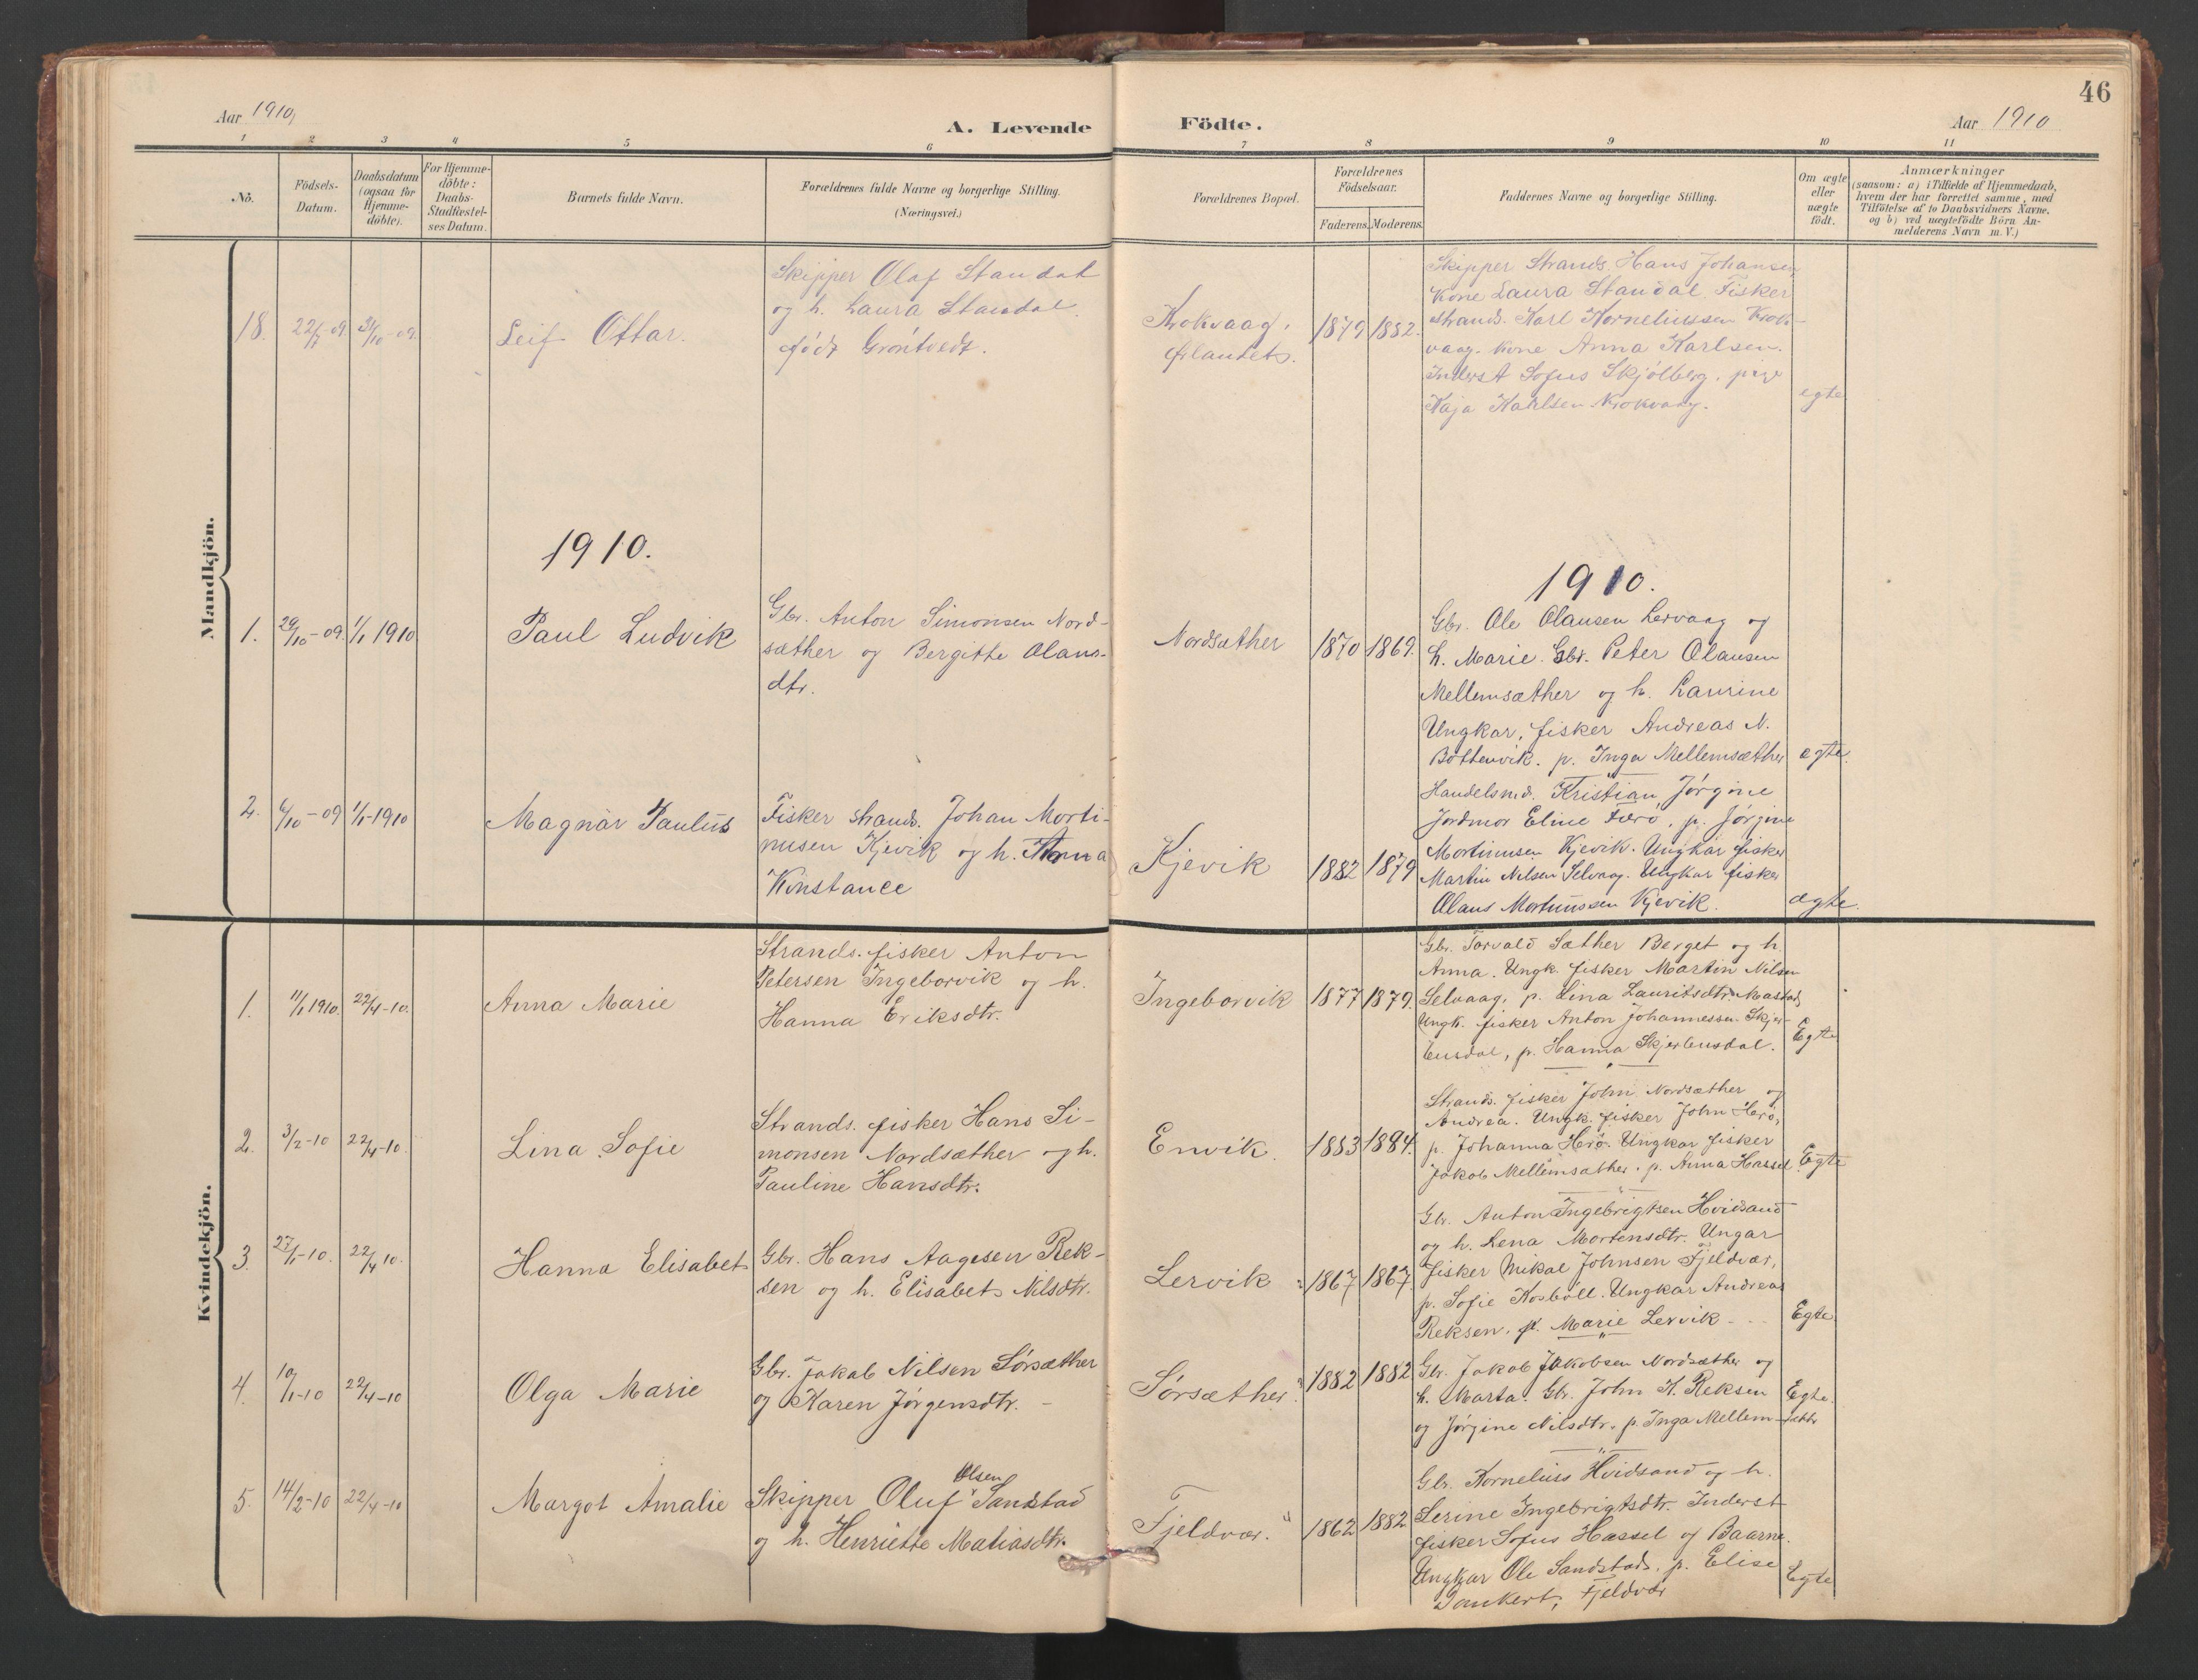 SAT, Ministerialprotokoller, klokkerbøker og fødselsregistre - Sør-Trøndelag, 638/L0571: Klokkerbok nr. 638C03, 1901-1930, s. 46